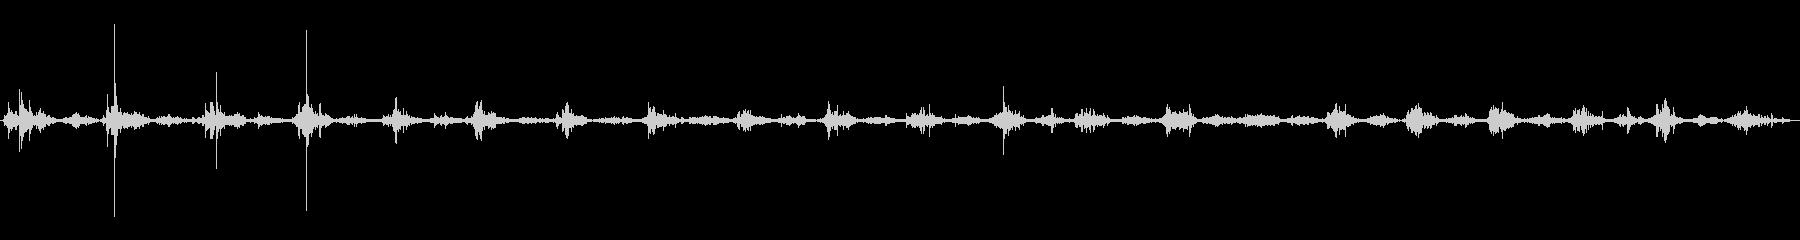 ノコギリ音 ギコギコ_02の未再生の波形